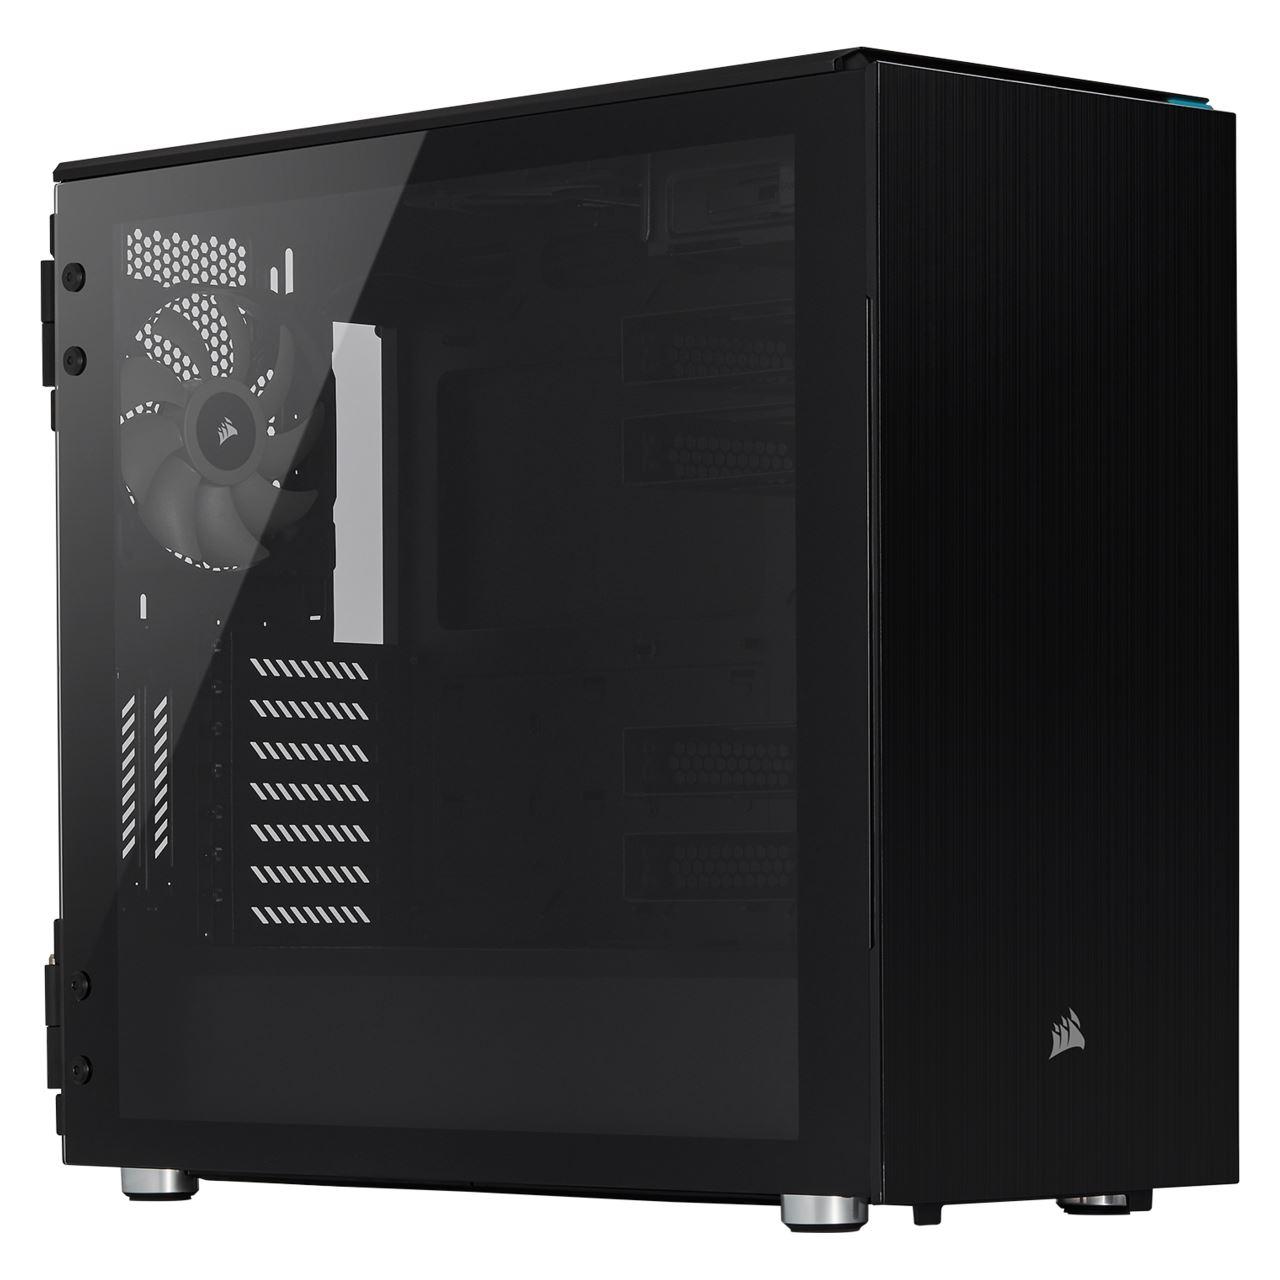 Corsair Carbide 678C mit Sichtfenster Midi Tower schwarz für 147,99€